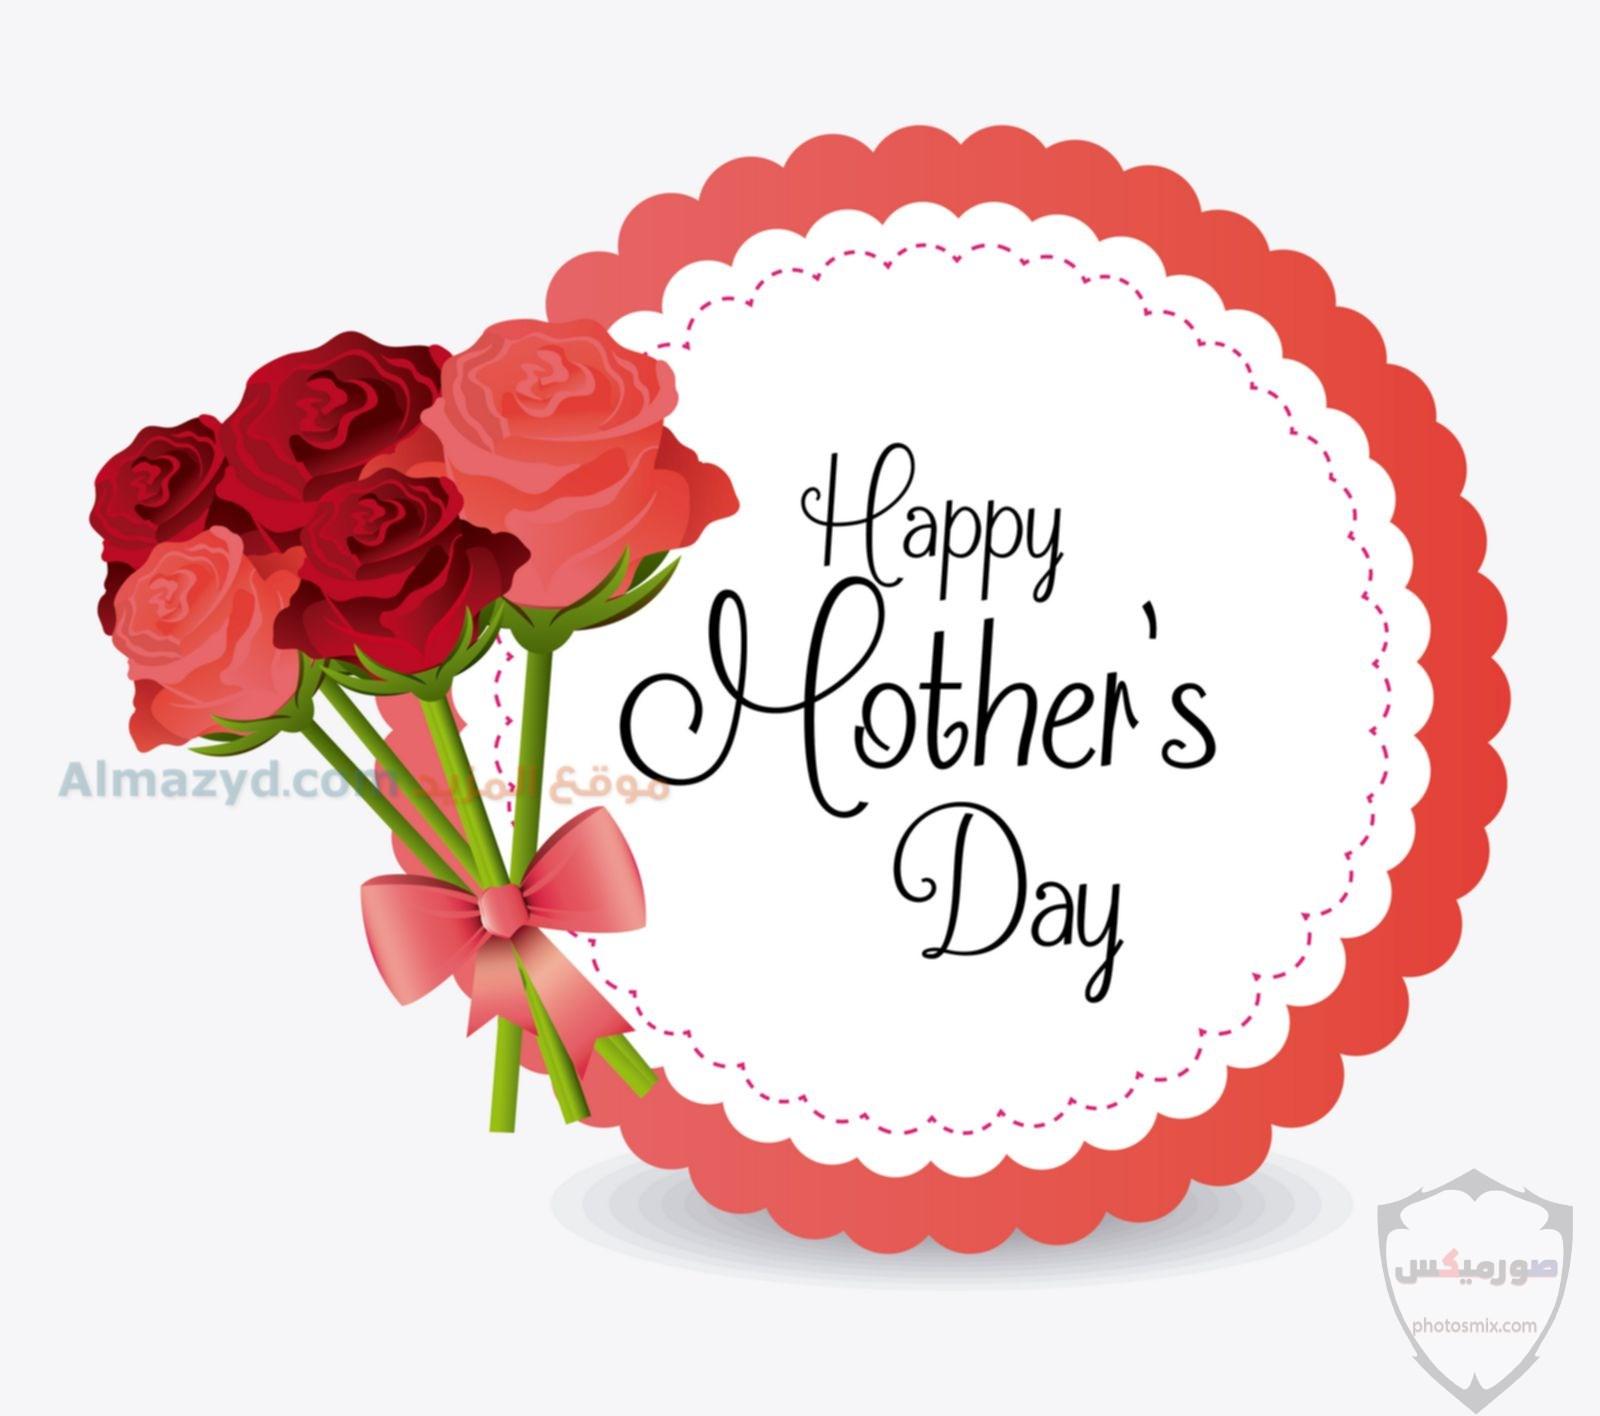 رمزيات عيدالأم 2021 عيد أم سعيد Happy Mothers Day 9